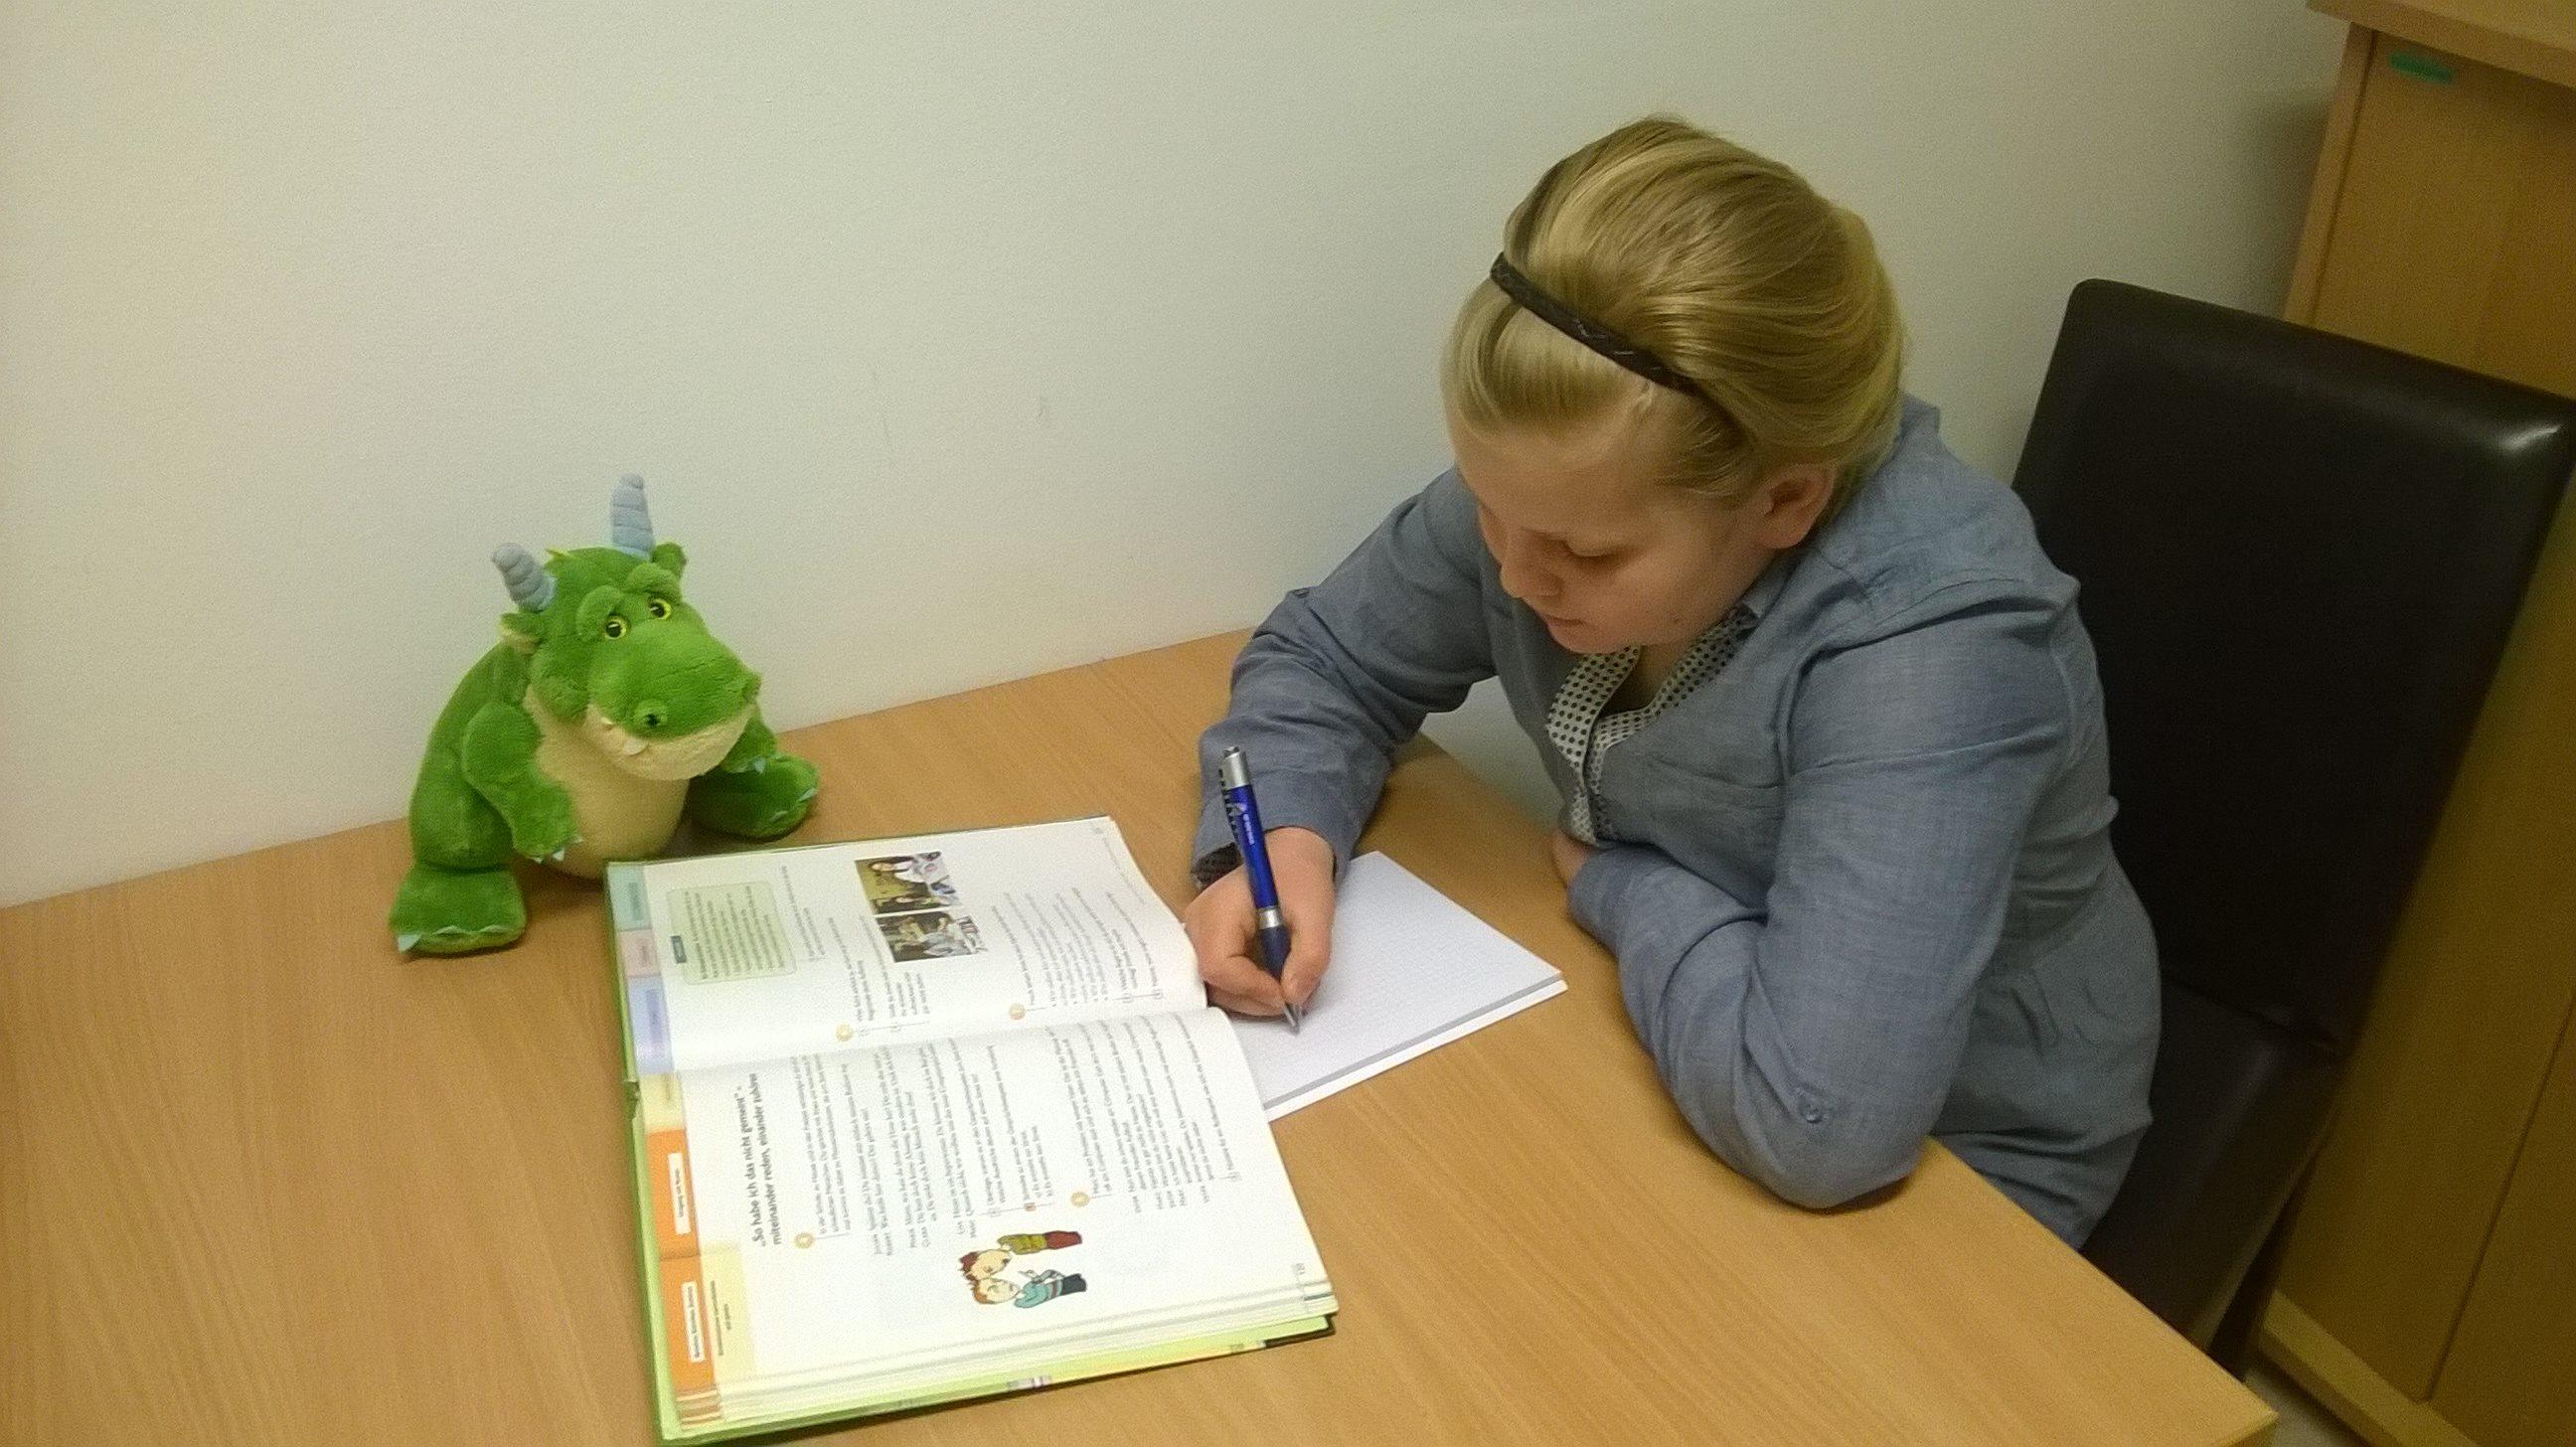 Schülerin vor einem Buch und schreibt in ein Heft